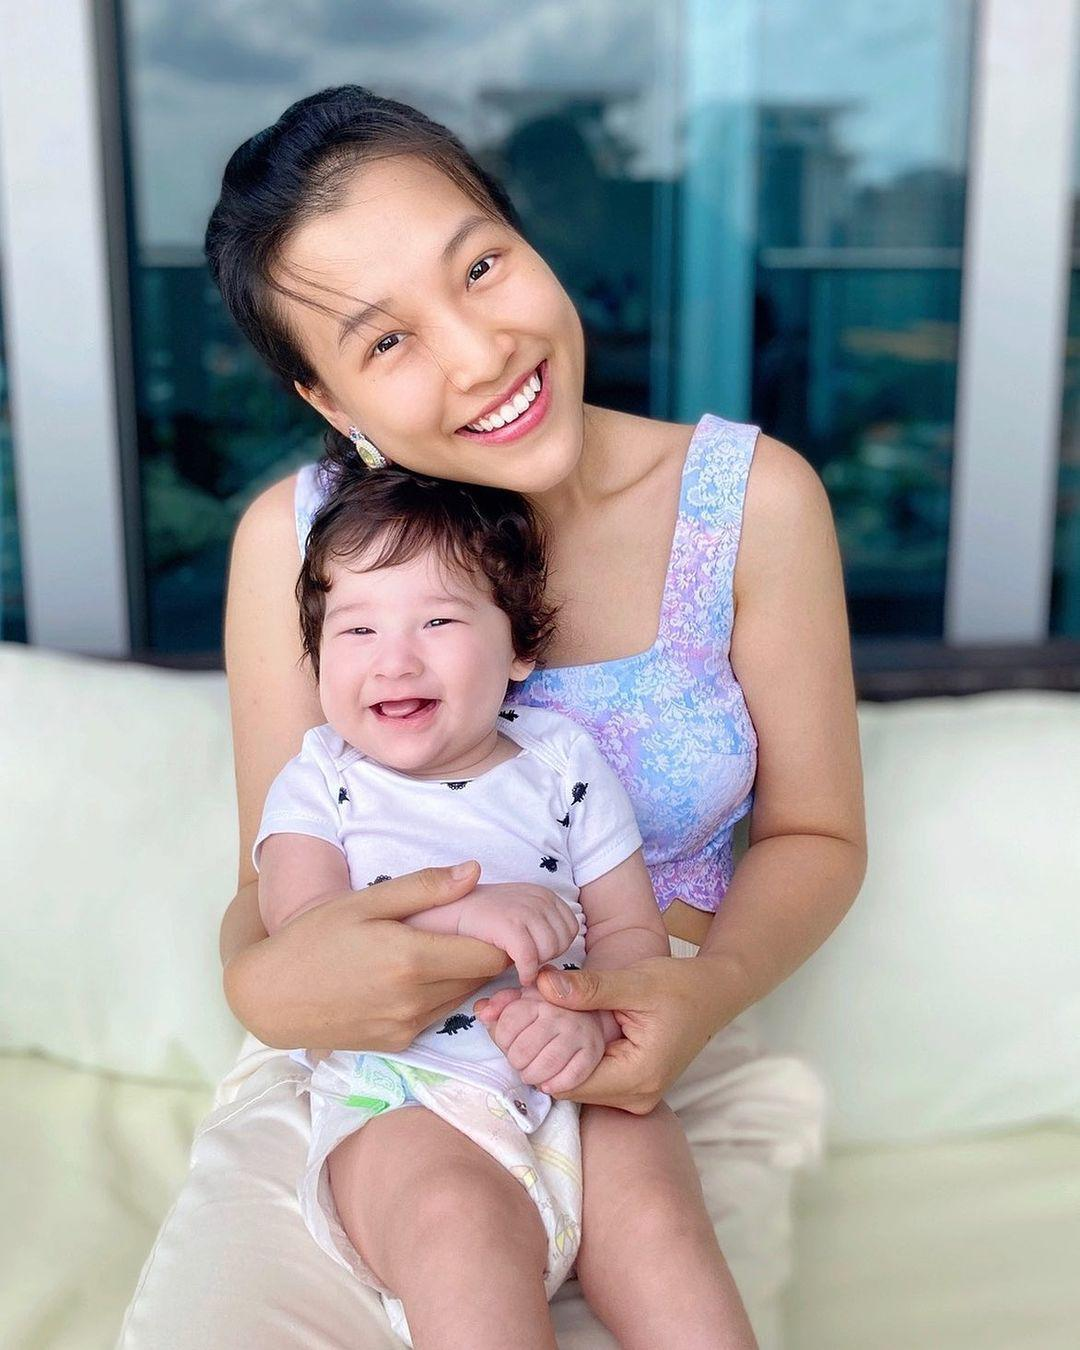 Á hậu Hoàng Oanh chia sẻ cách dạy con theo phong cách Việt - Tây